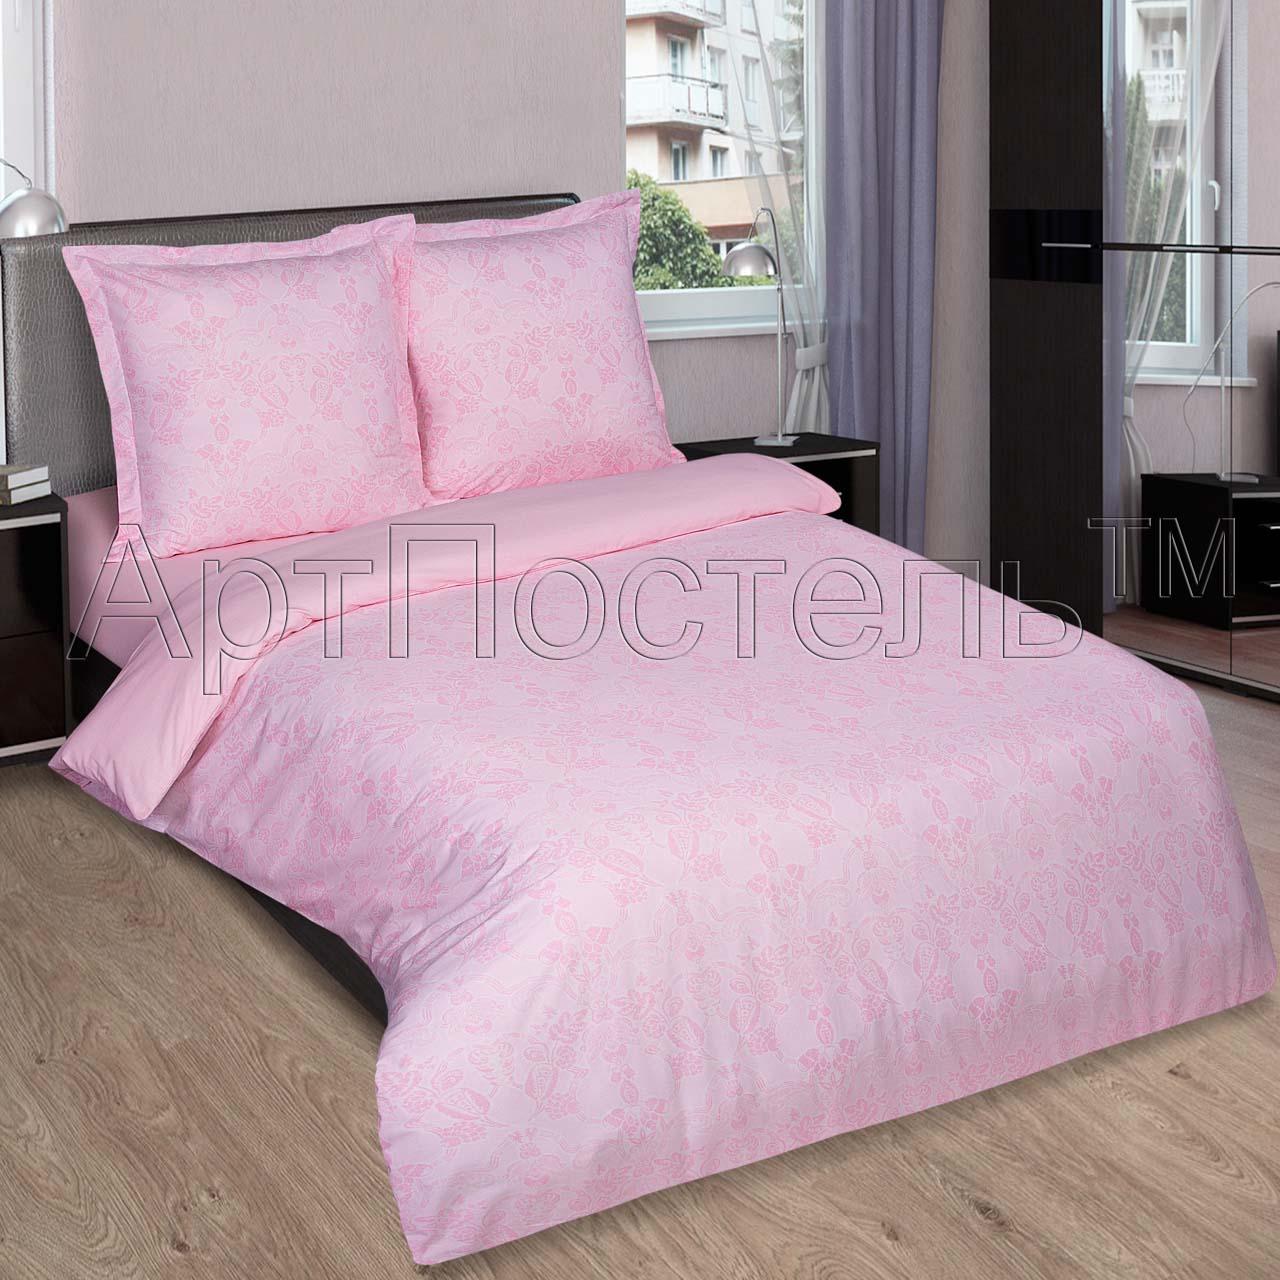 КПБ Грация Роза р. 2,0-сп.Распродажа постельного белья<br>Плотность ткани: 115 г/кв. м <br>Пододеяльник: 217х175 см - 1 шт. <br>Простыня: 220х200 см - 1 шт. <br>Наволочка: 70х70 см - 2 шт.<br><br>Тип: КПБ<br>Размер: 2,0-сп.<br>Материал: Поплин